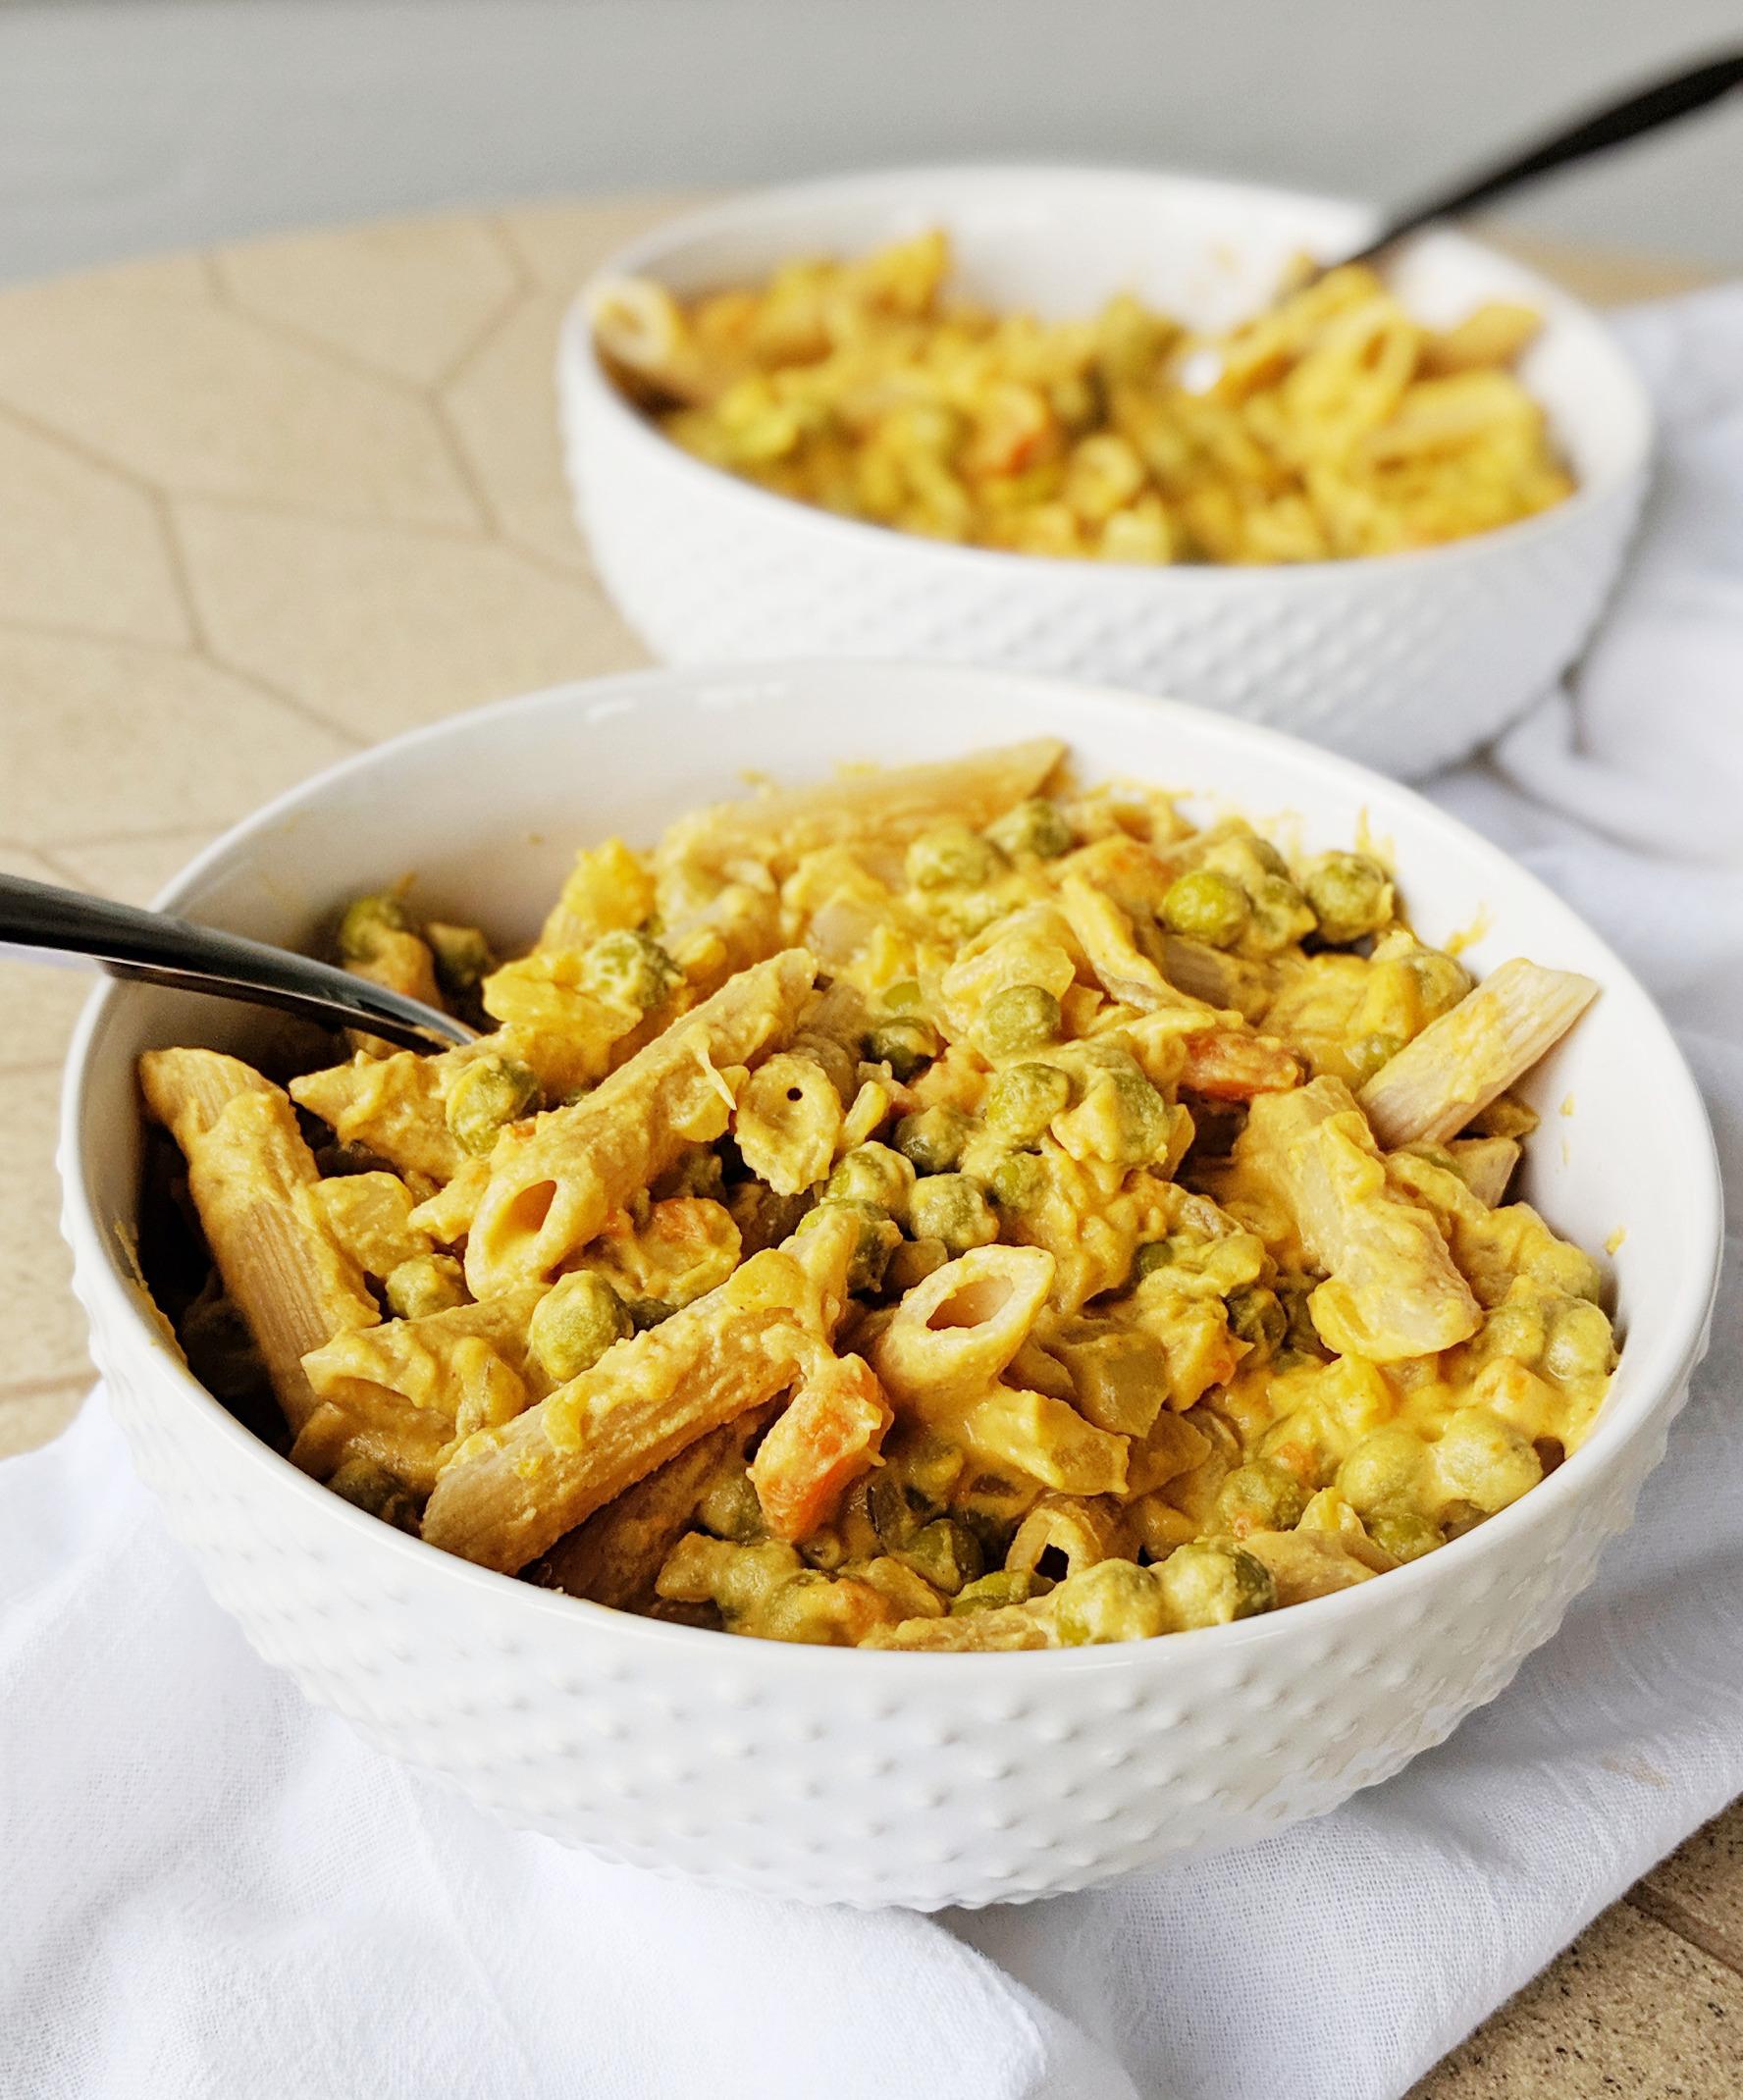 vegan cashew cheese over pasta